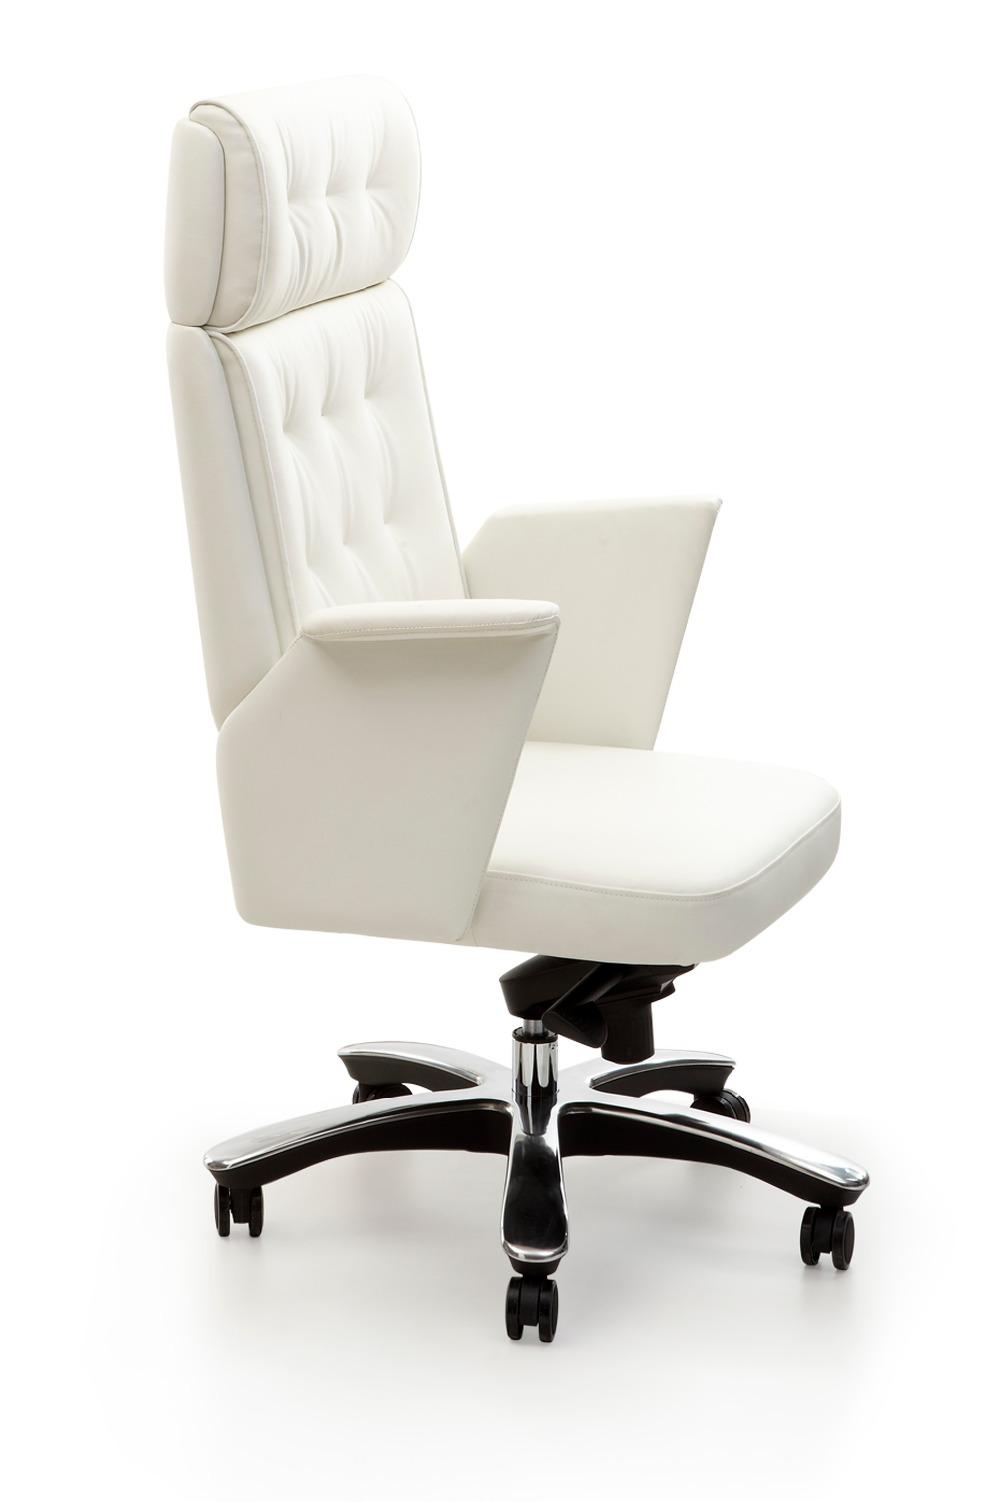 Design De Luxe A Dossier Haut Chaise Bureau Housse Siege En Cuir Antique